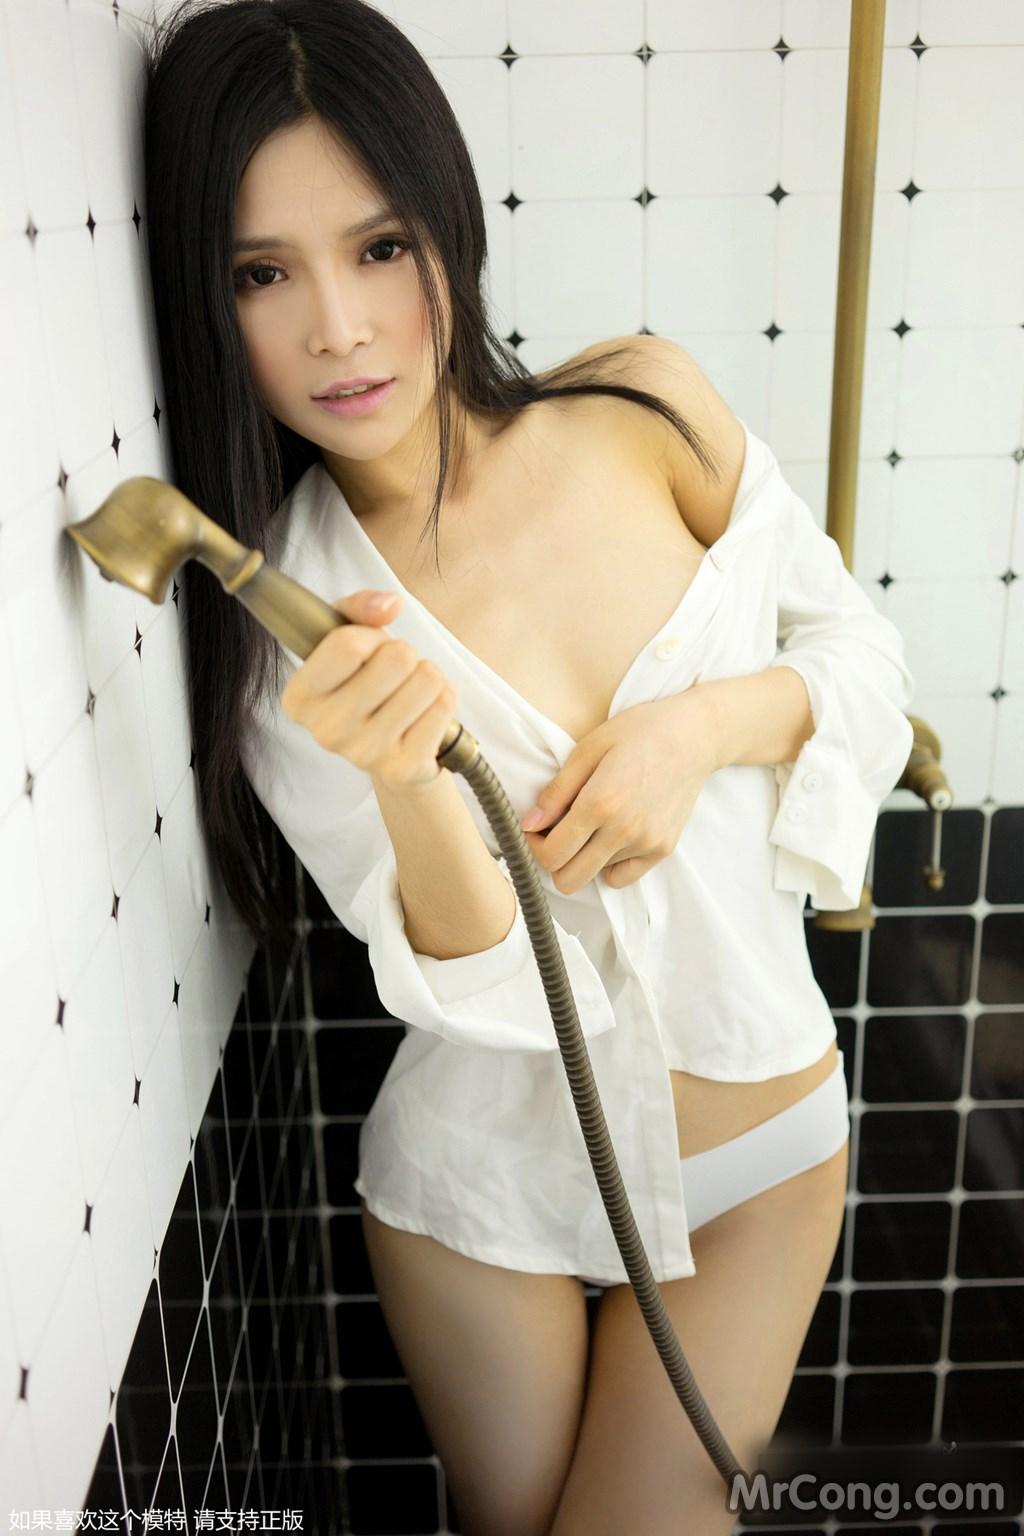 TGOD 2014-10-23: Model Merry (张美荧) (77P)